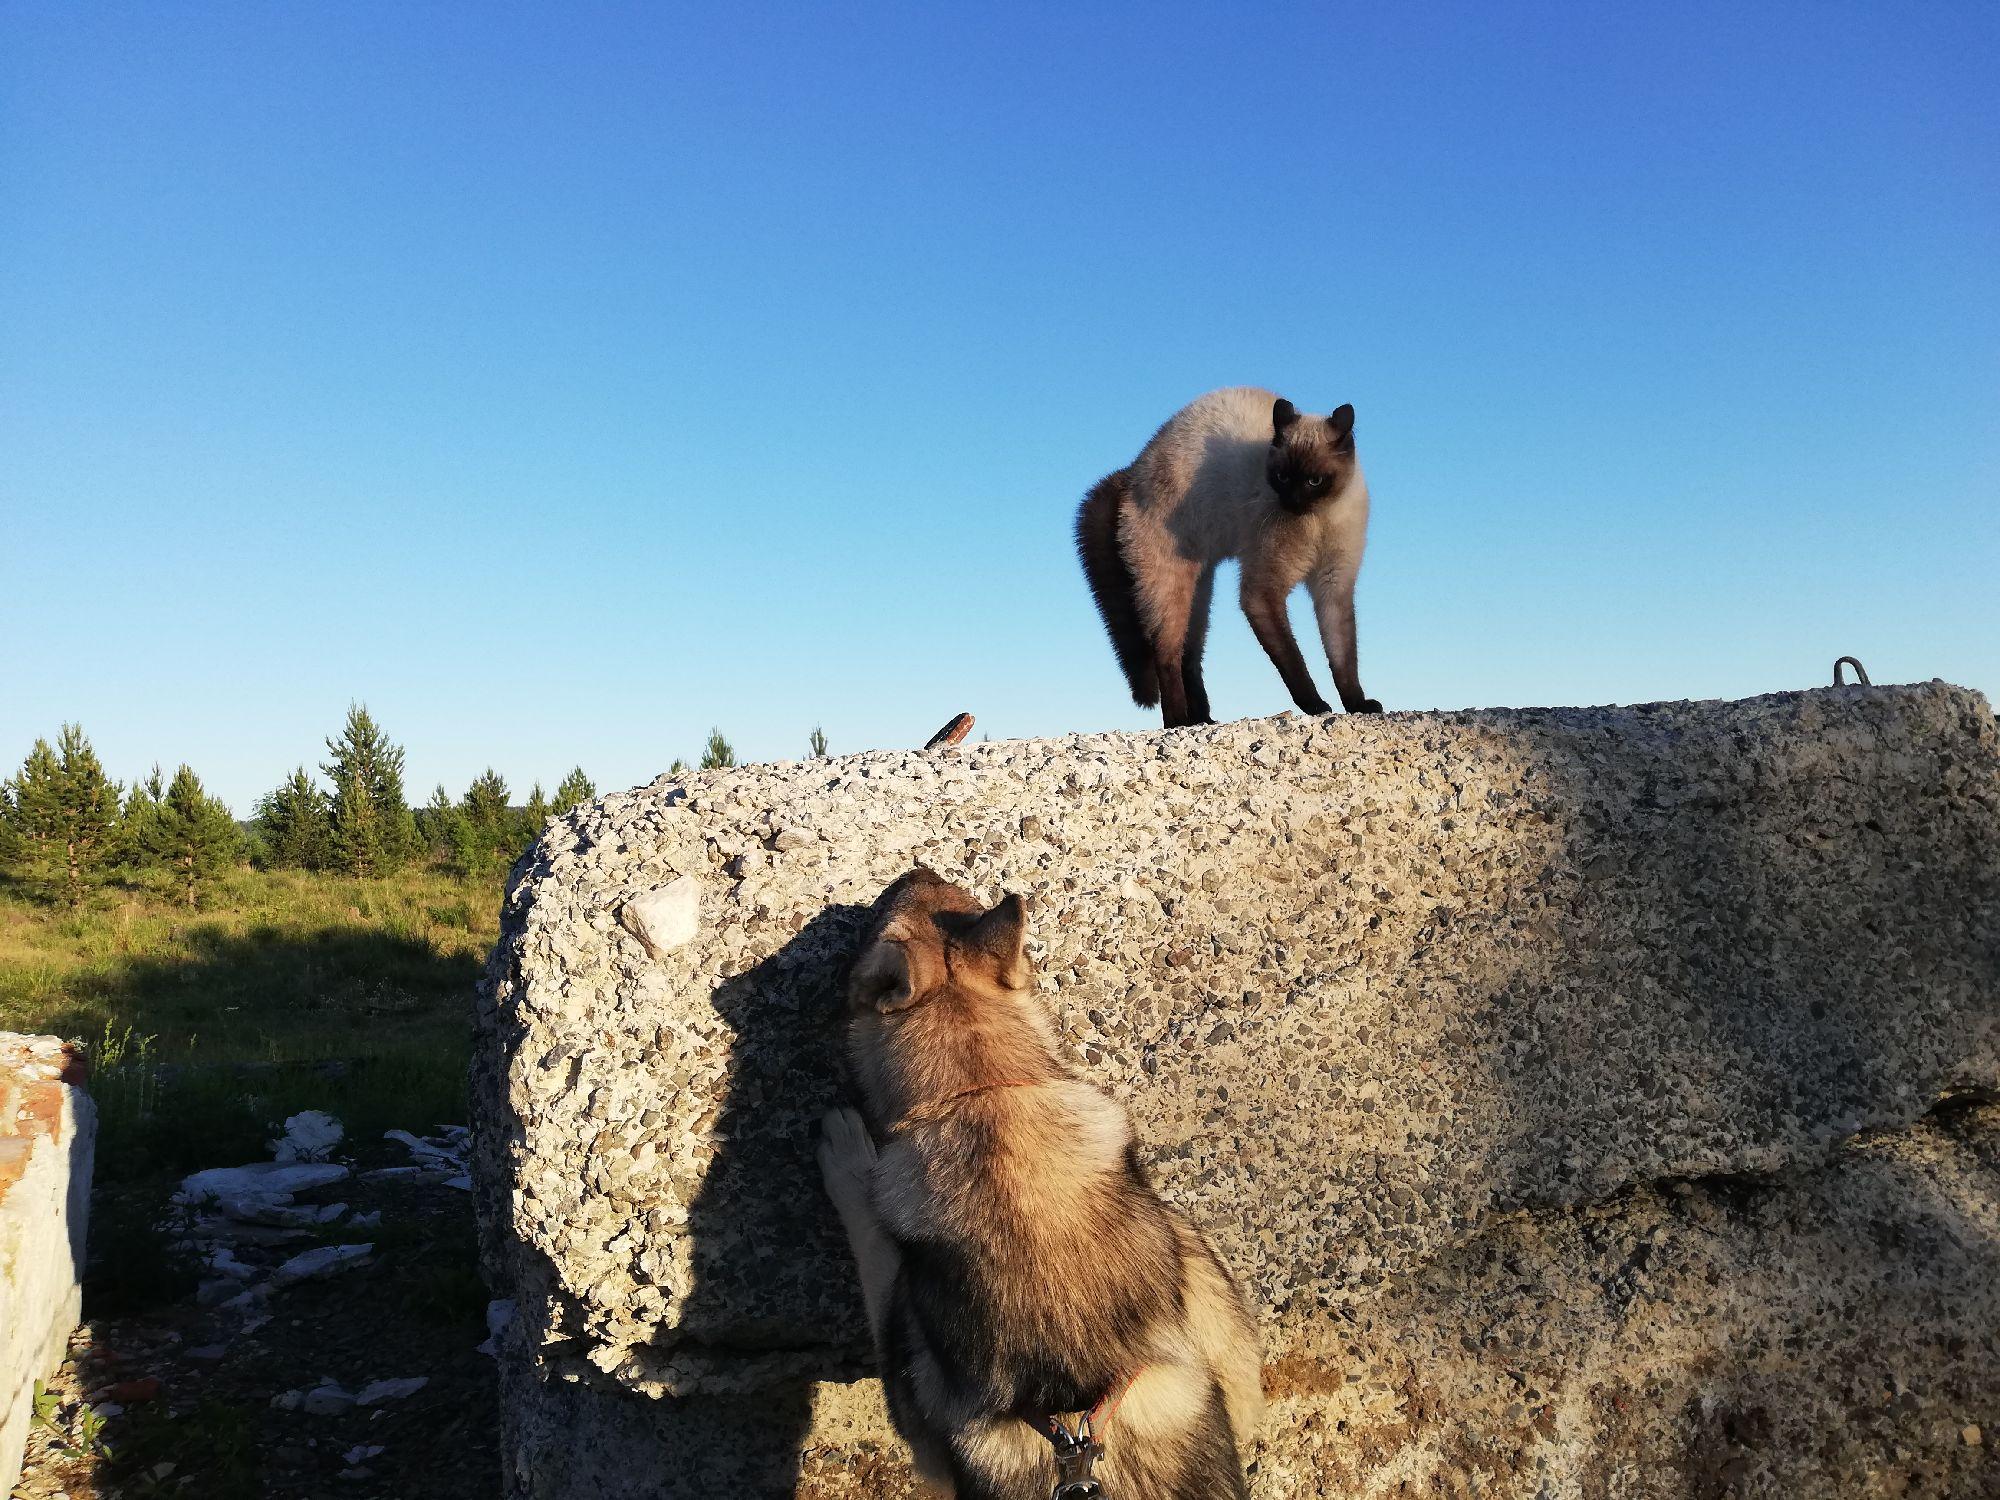 За блоком был второй дугообразный синхронный сиамский кот. Но я хотел снять кота на фоне неба)